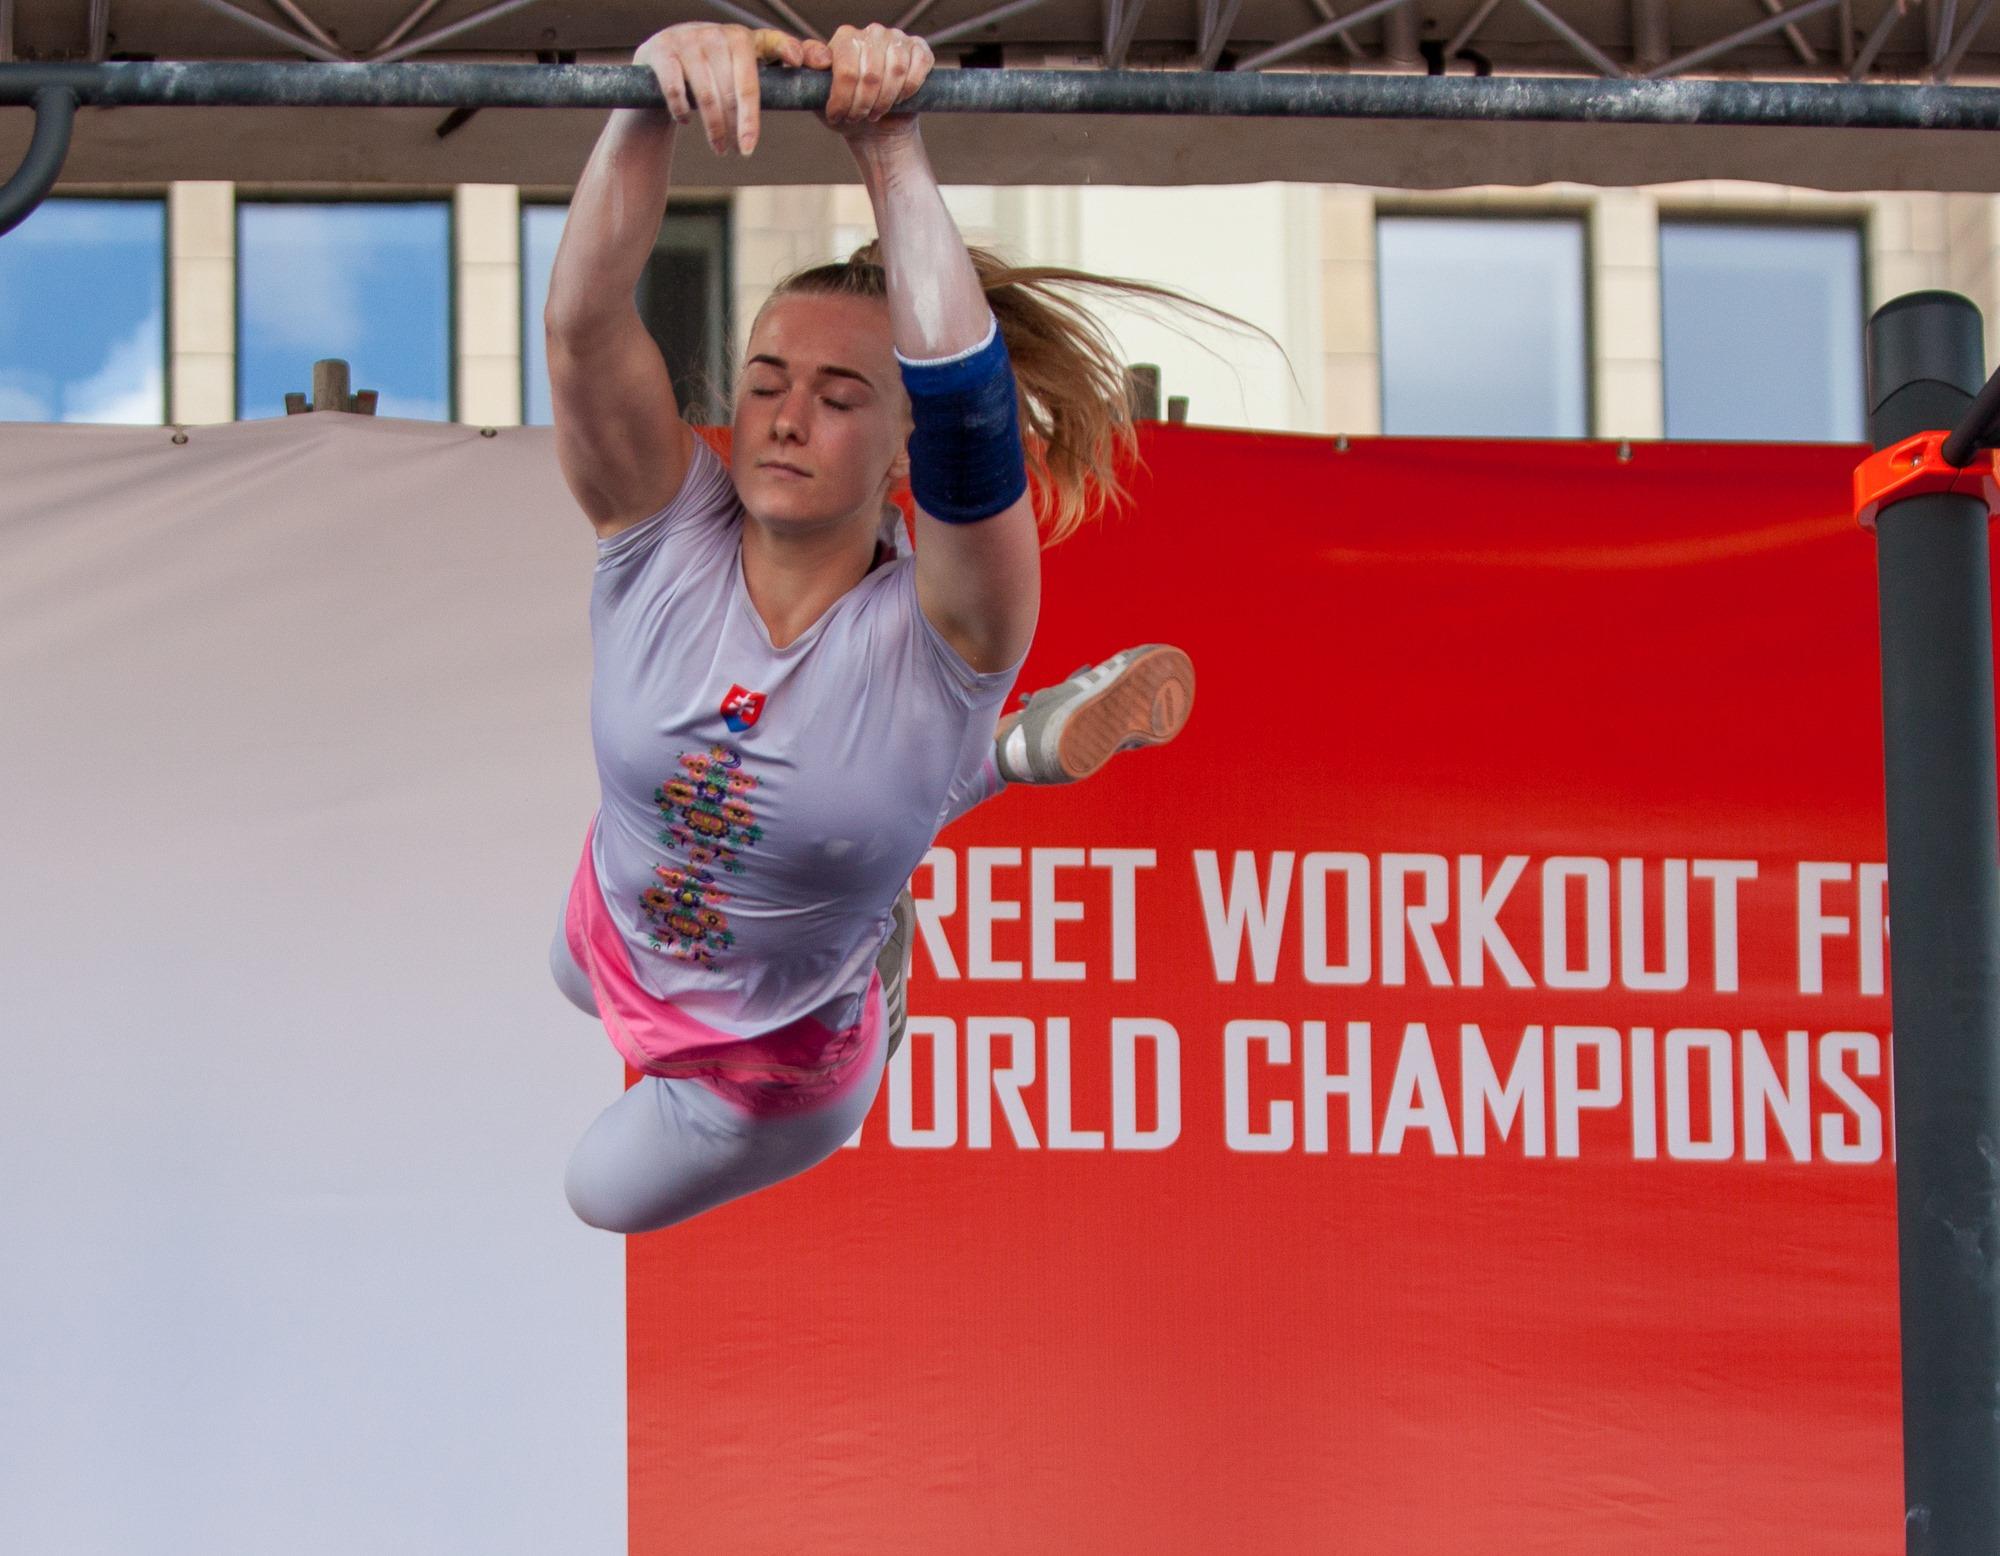 Mistrovství světa ve street workoutu 2019 - bronzová medailistka